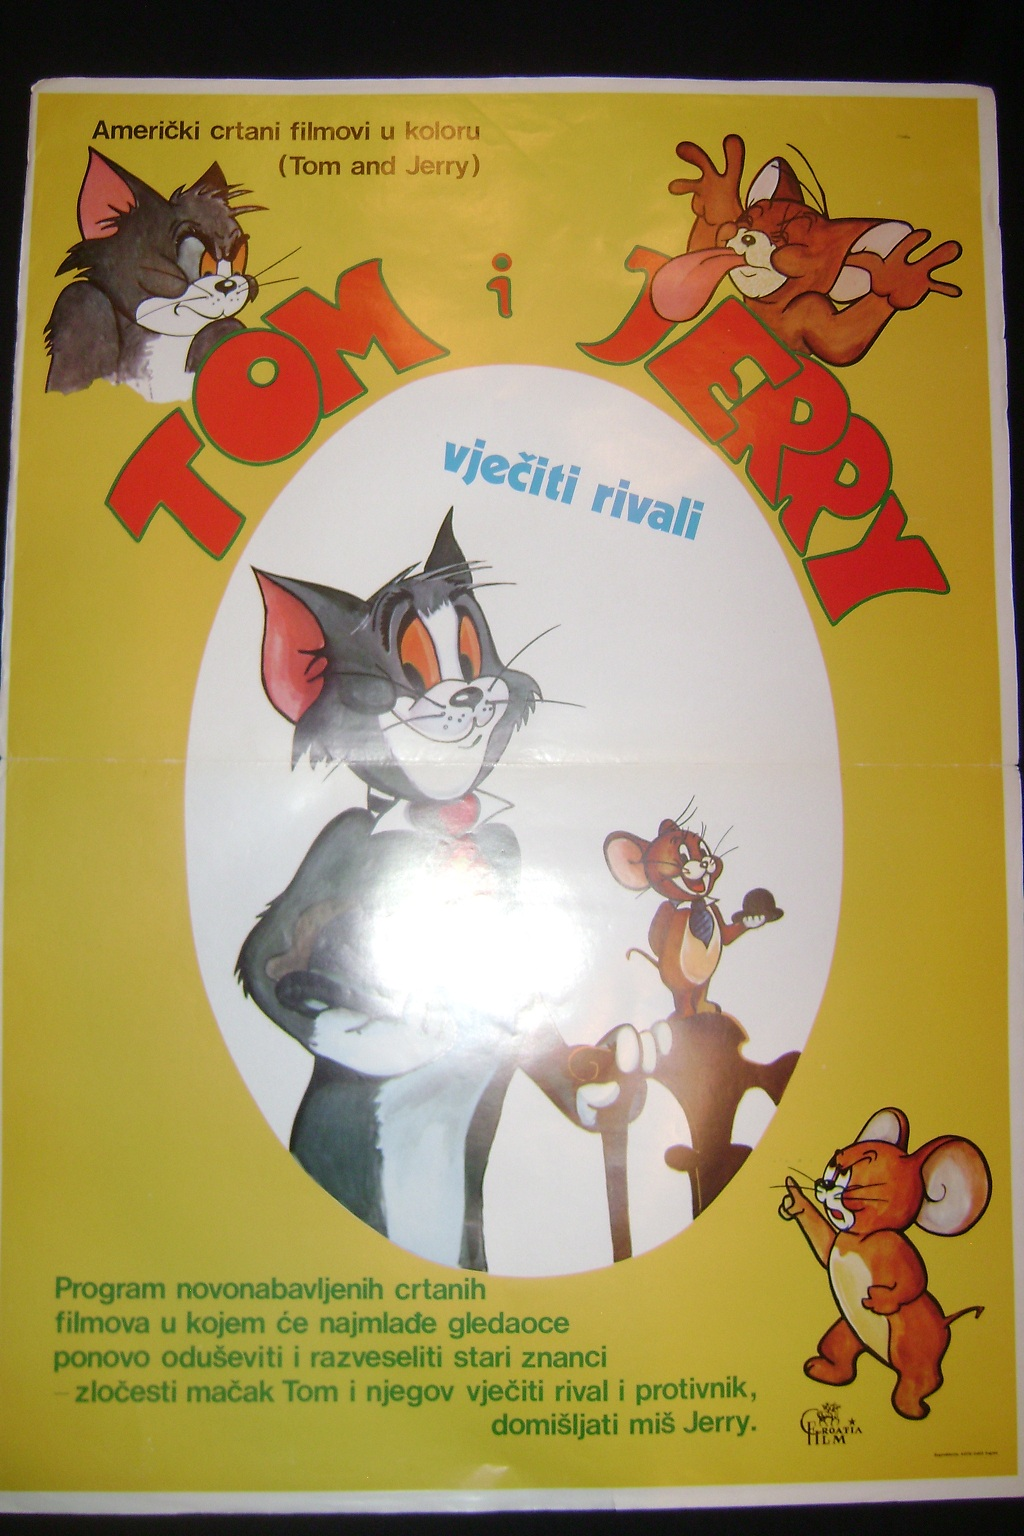 Filmski_poster_Tom_i_Dzeri_Veciti_rivali__1.JPG